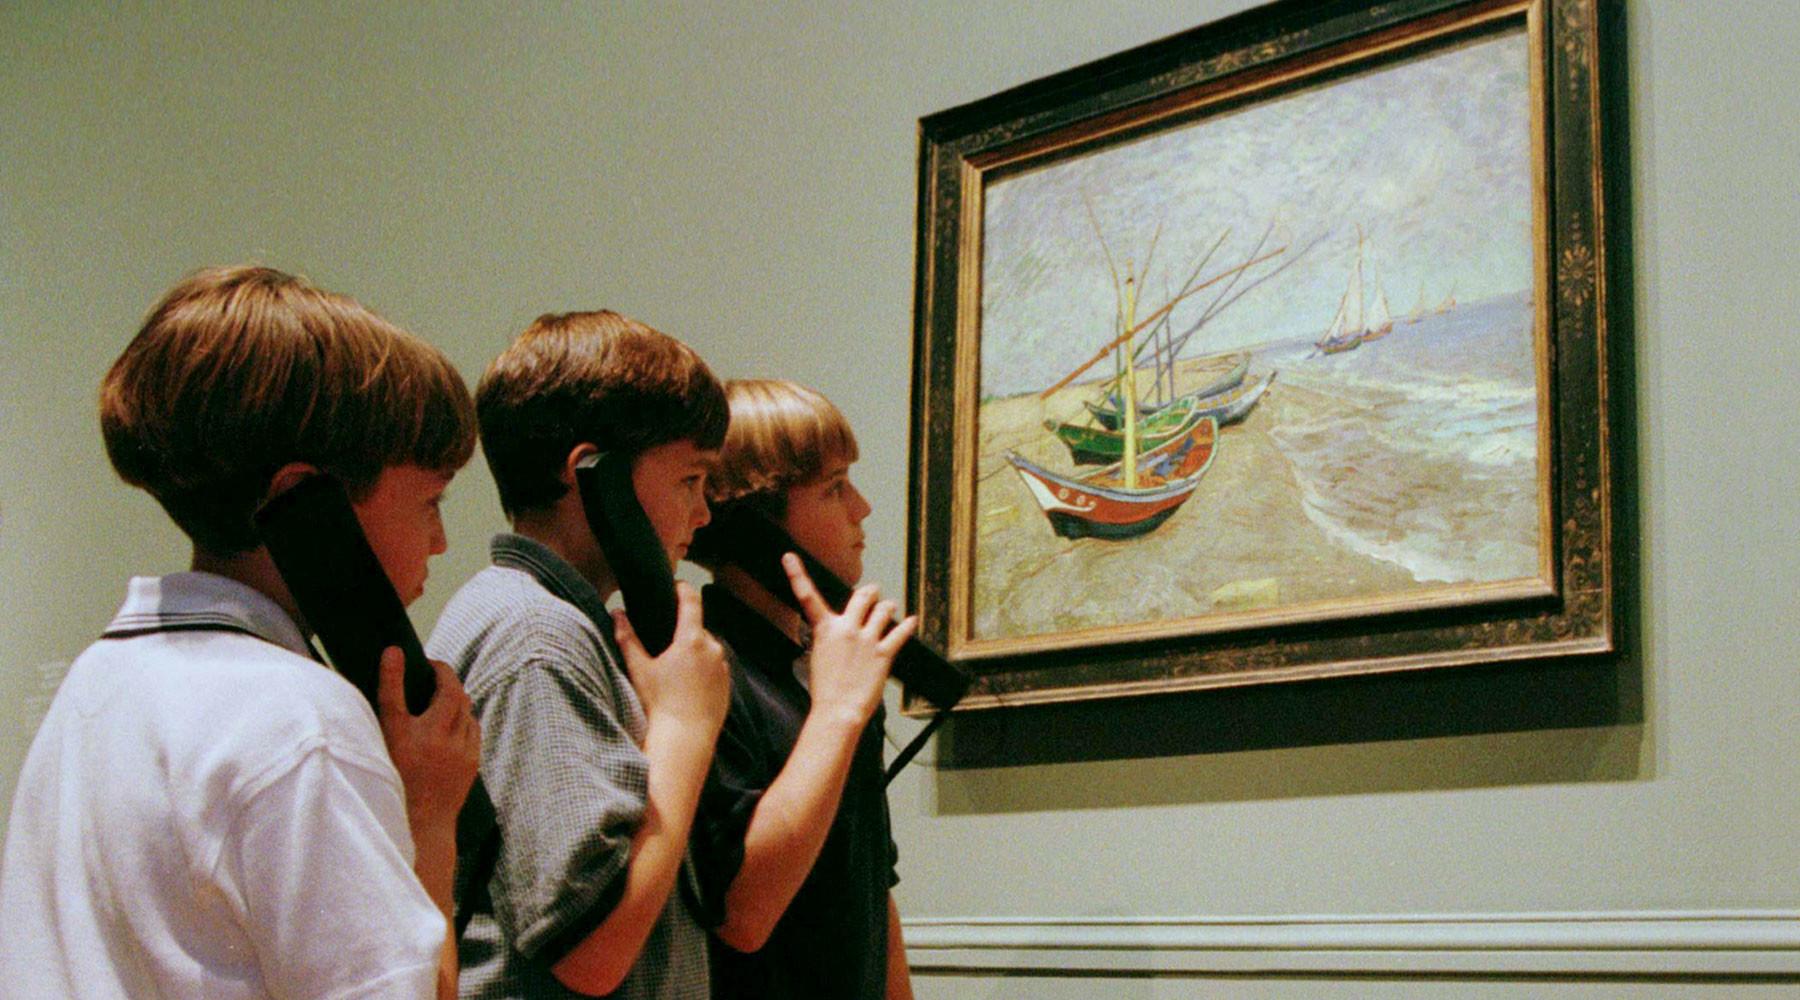 На выставке Ван Гога: в чём разница детского и взрослого восприятия картин голландского мастера